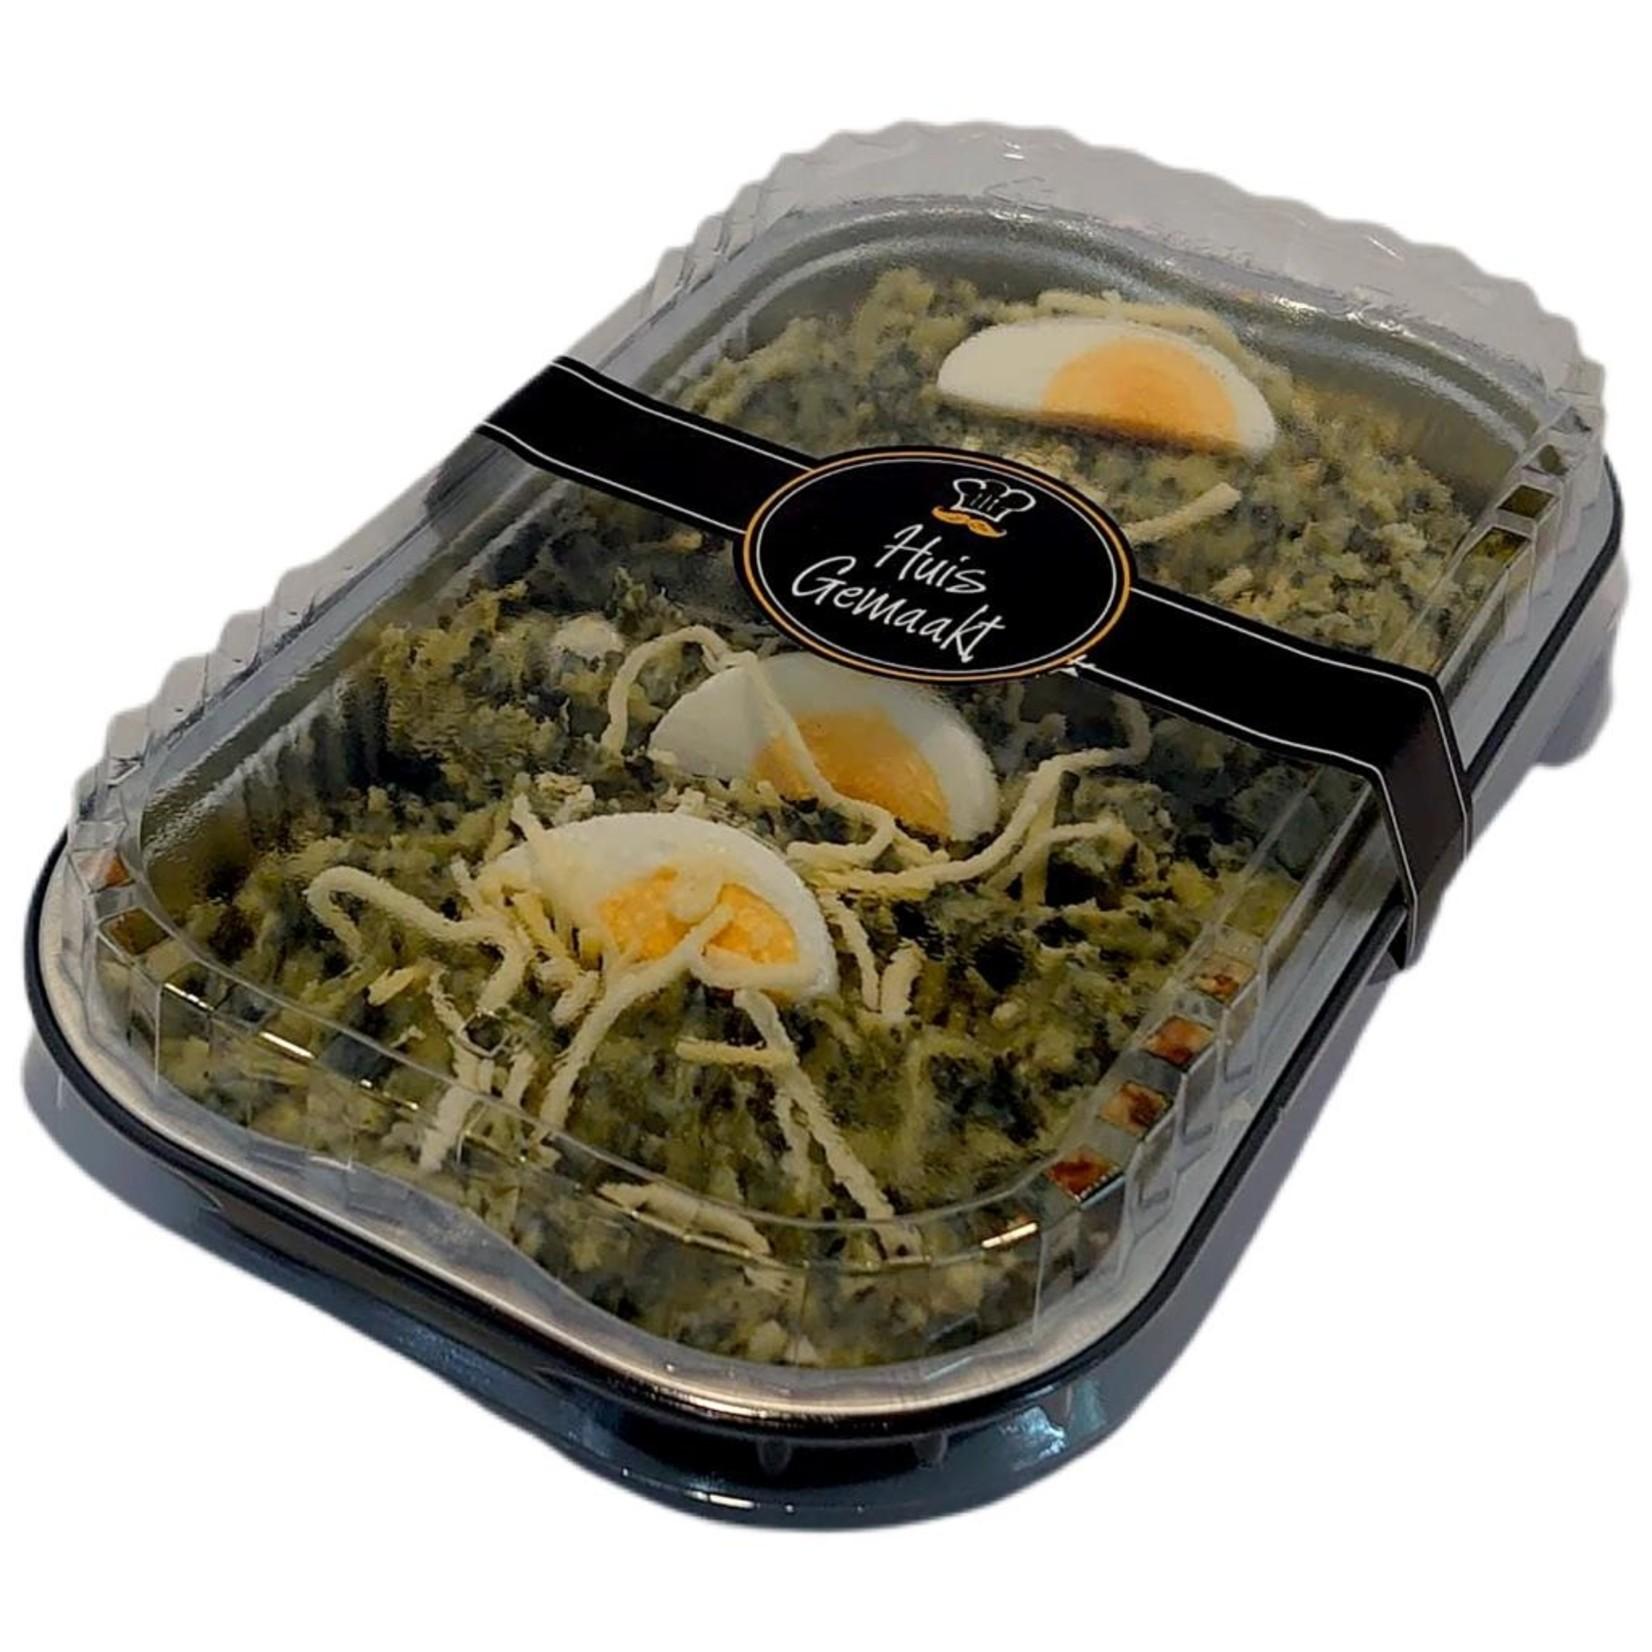 Spinazie schotel met speklapjes | per maaltijd | (Slagerij Gerritschen)